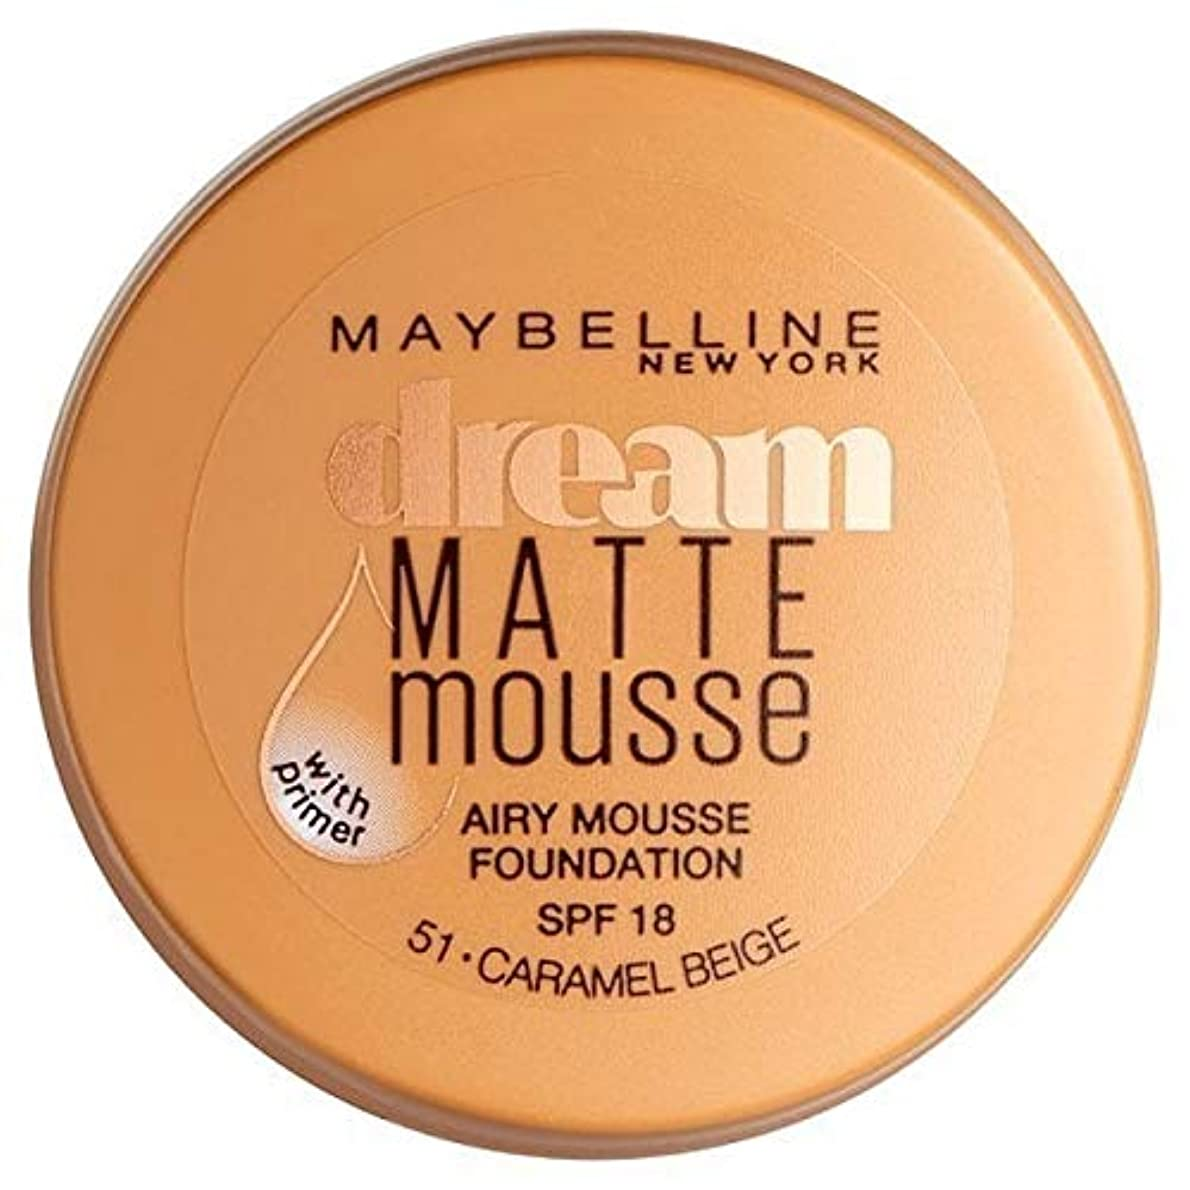 経験的彼義務的[Maybelline ] メイベリン夢のマットムース基盤051キャラメルベージュ - Maybelline Dream Matte Mousse Foundation 051 Caramel Beige [並行輸入品]